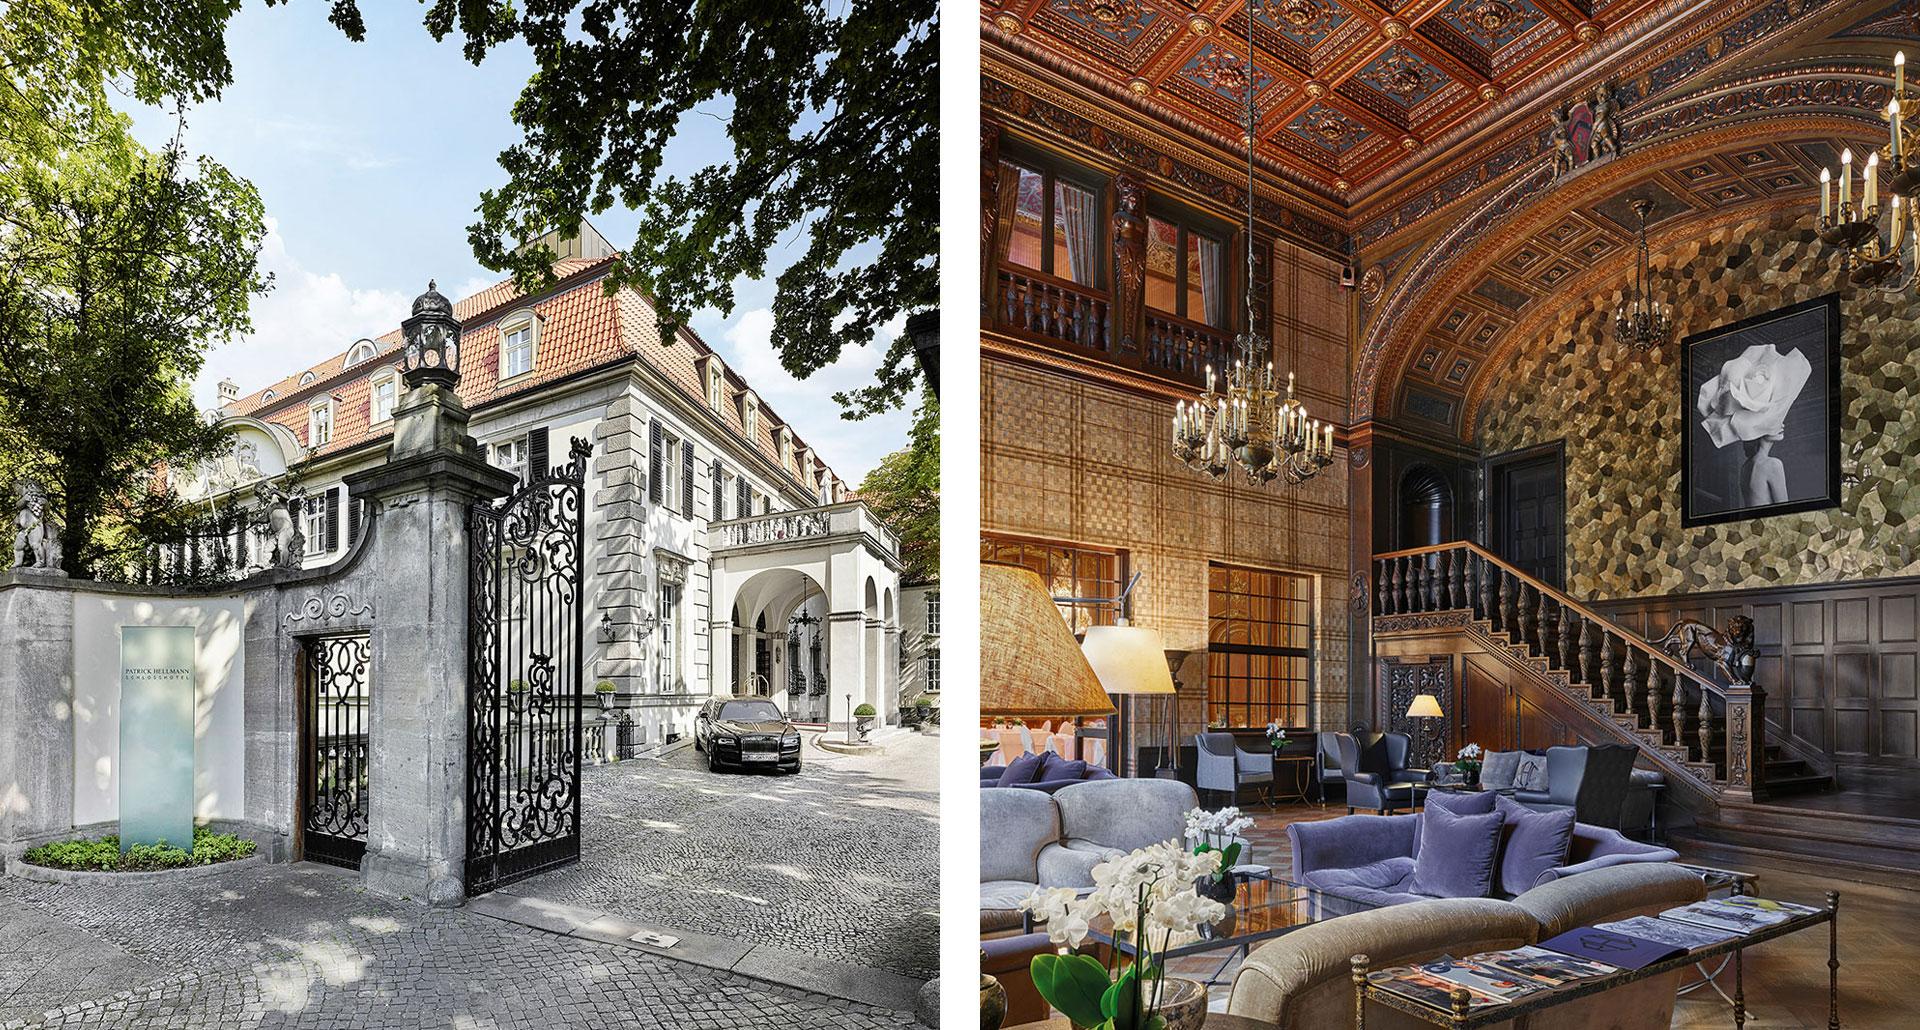 Patrick Hellman Schlosshotel - boutique hotel in Berlino